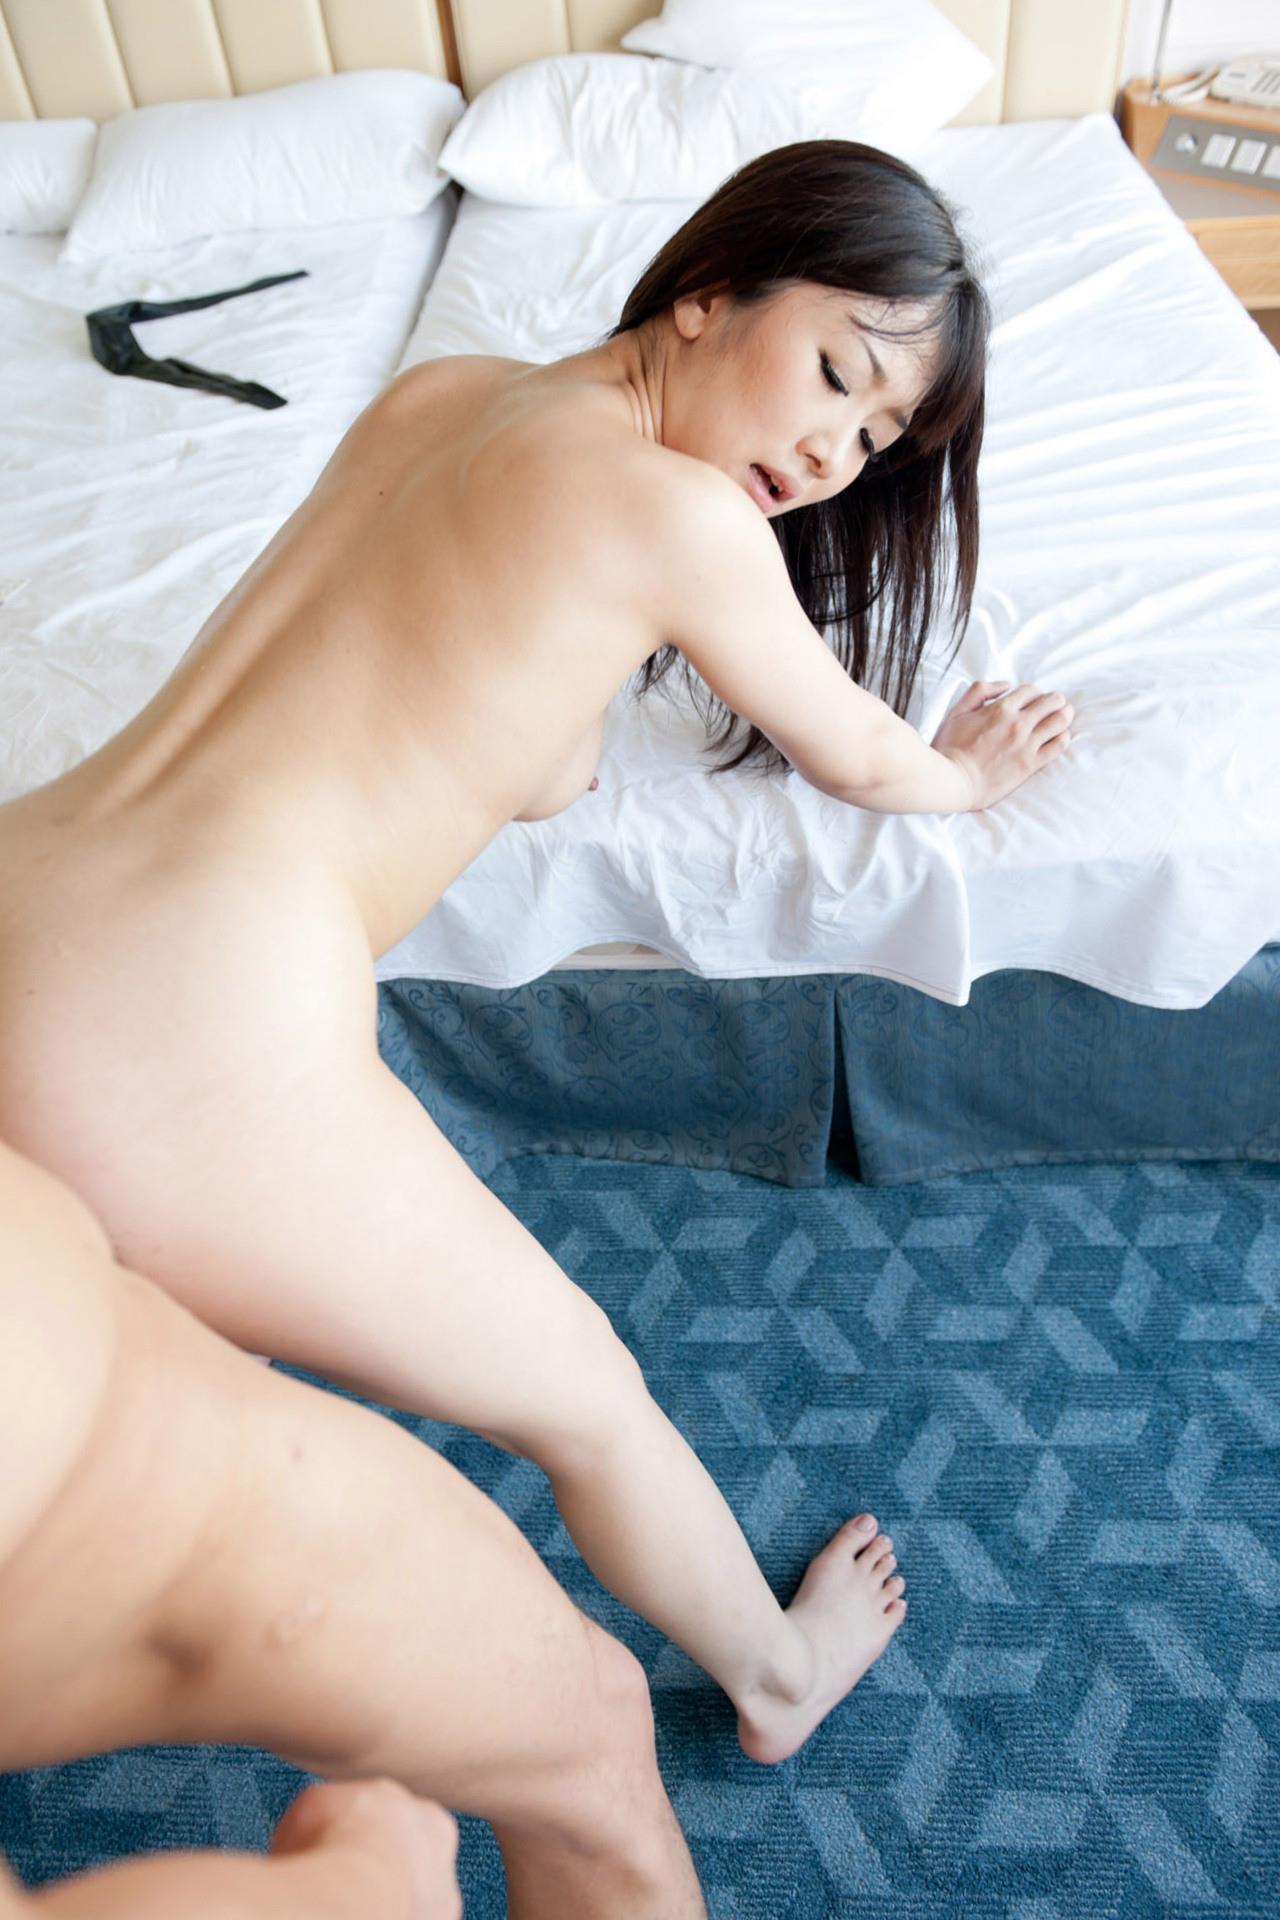 大槻ひびき セックス画像 106